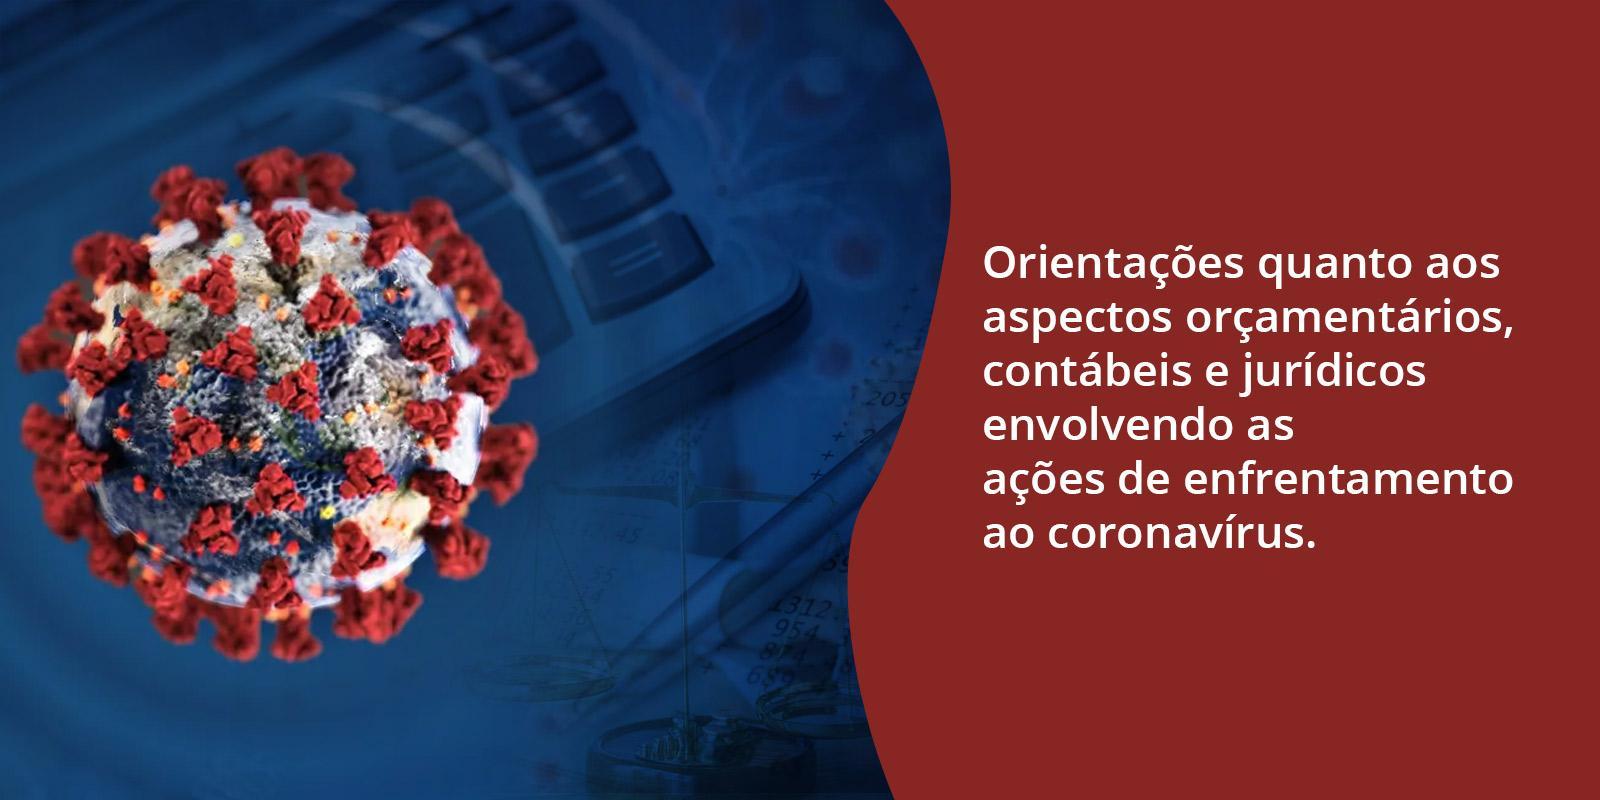 Orientações quanto aos aspectos orçamentários, contábeis e jurídicos envolvendo as ações de enfrentamento ao Coronavírus